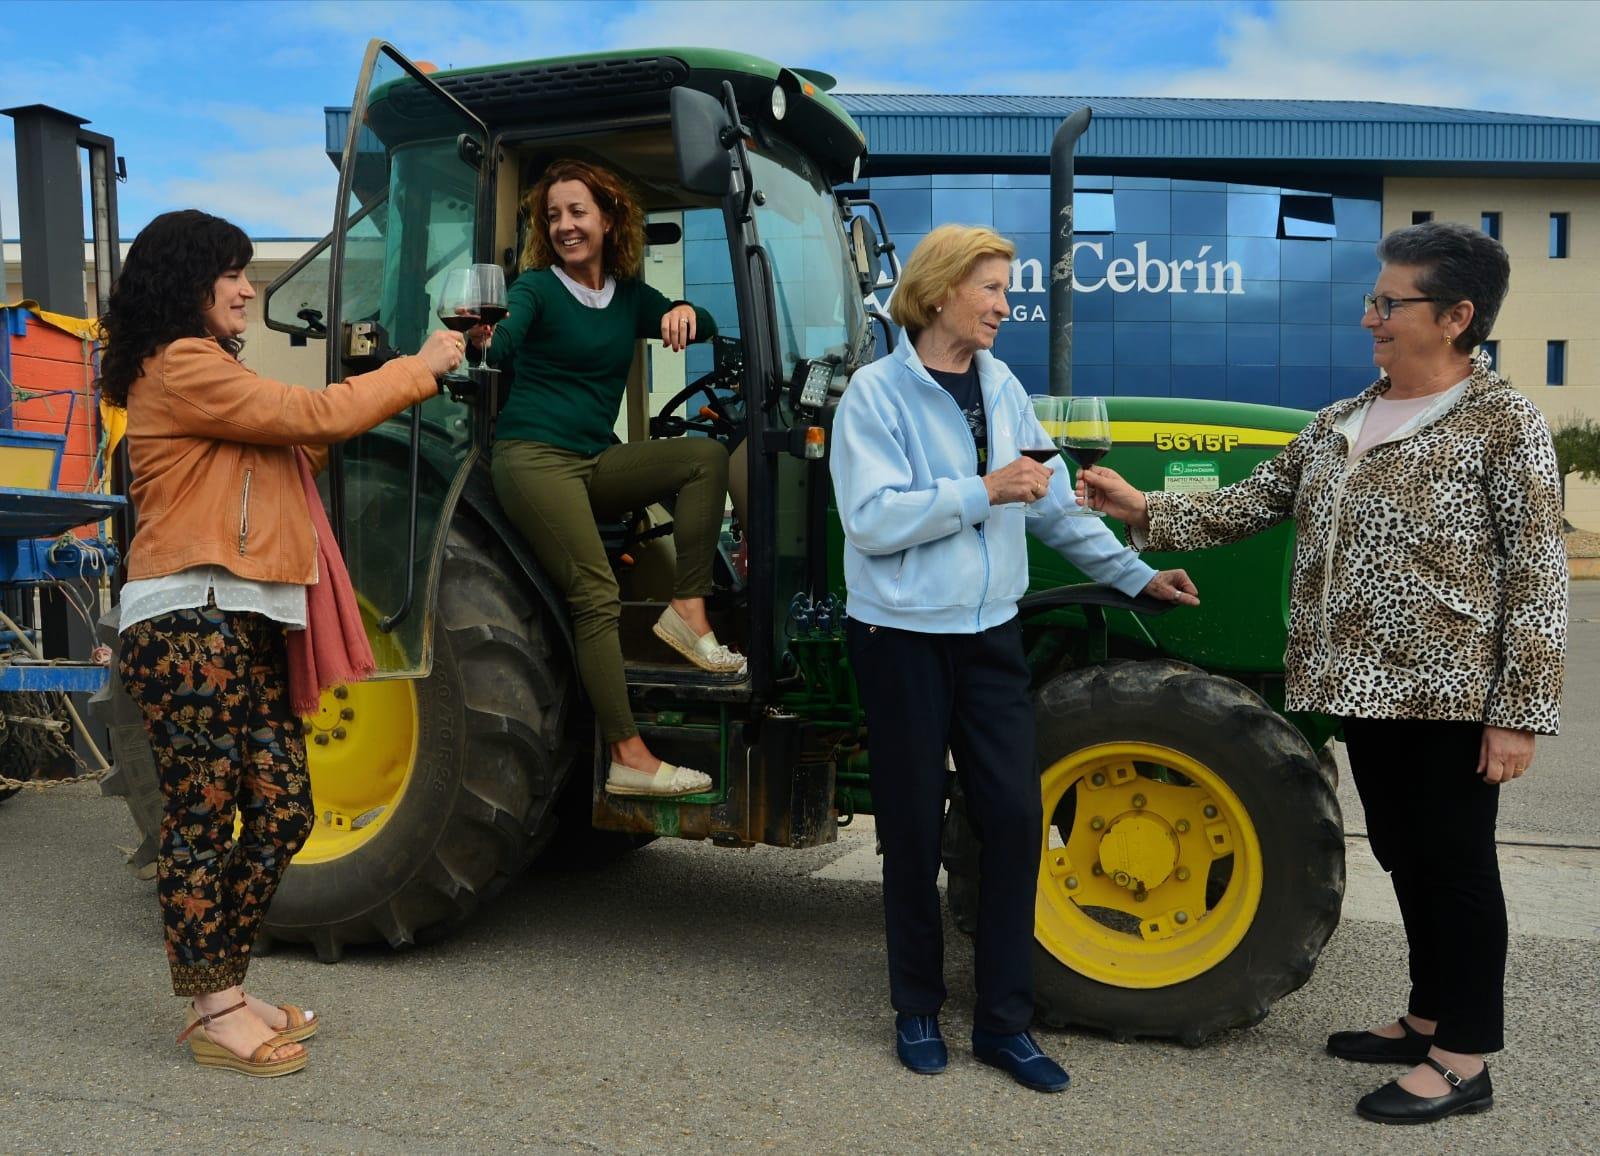 Foto mujeres rurales tractor san cebrín san asensio La Rioja vino